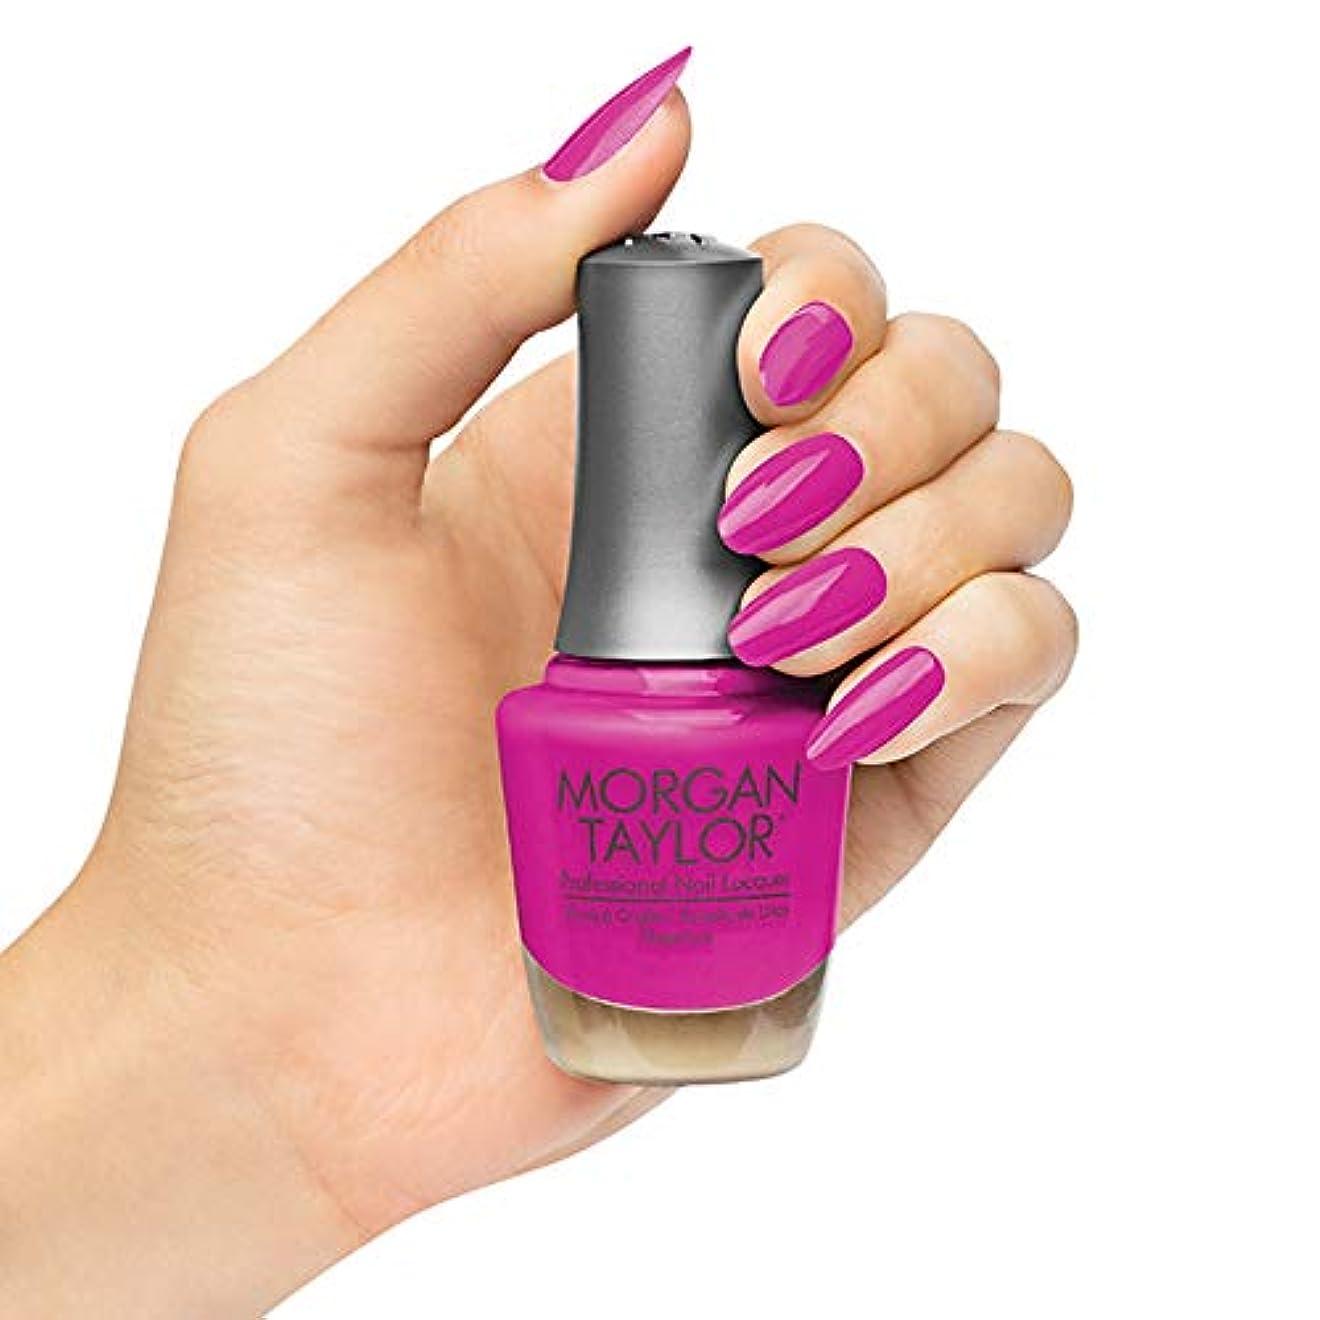 Morgan Taylor - Professional Nail Lacquer - Woke Up This Way - 15 mL / 0.5oz